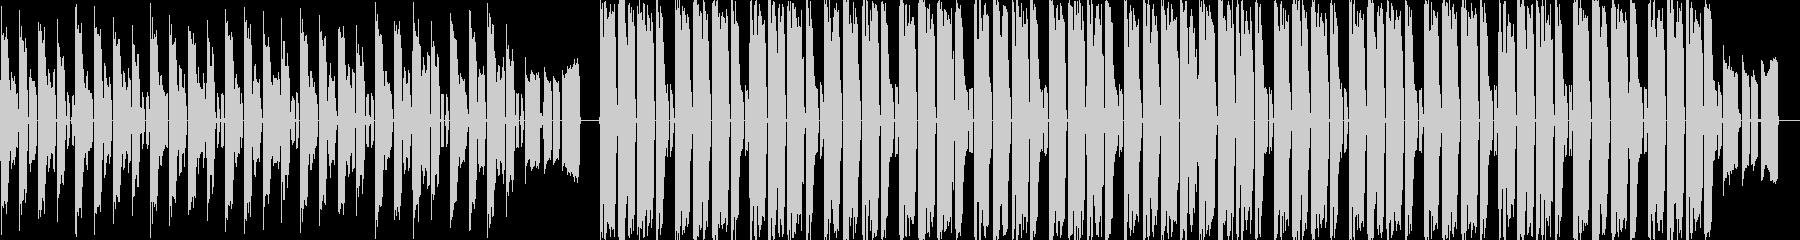 ピコピコ音のする4つ打ちBGMの未再生の波形